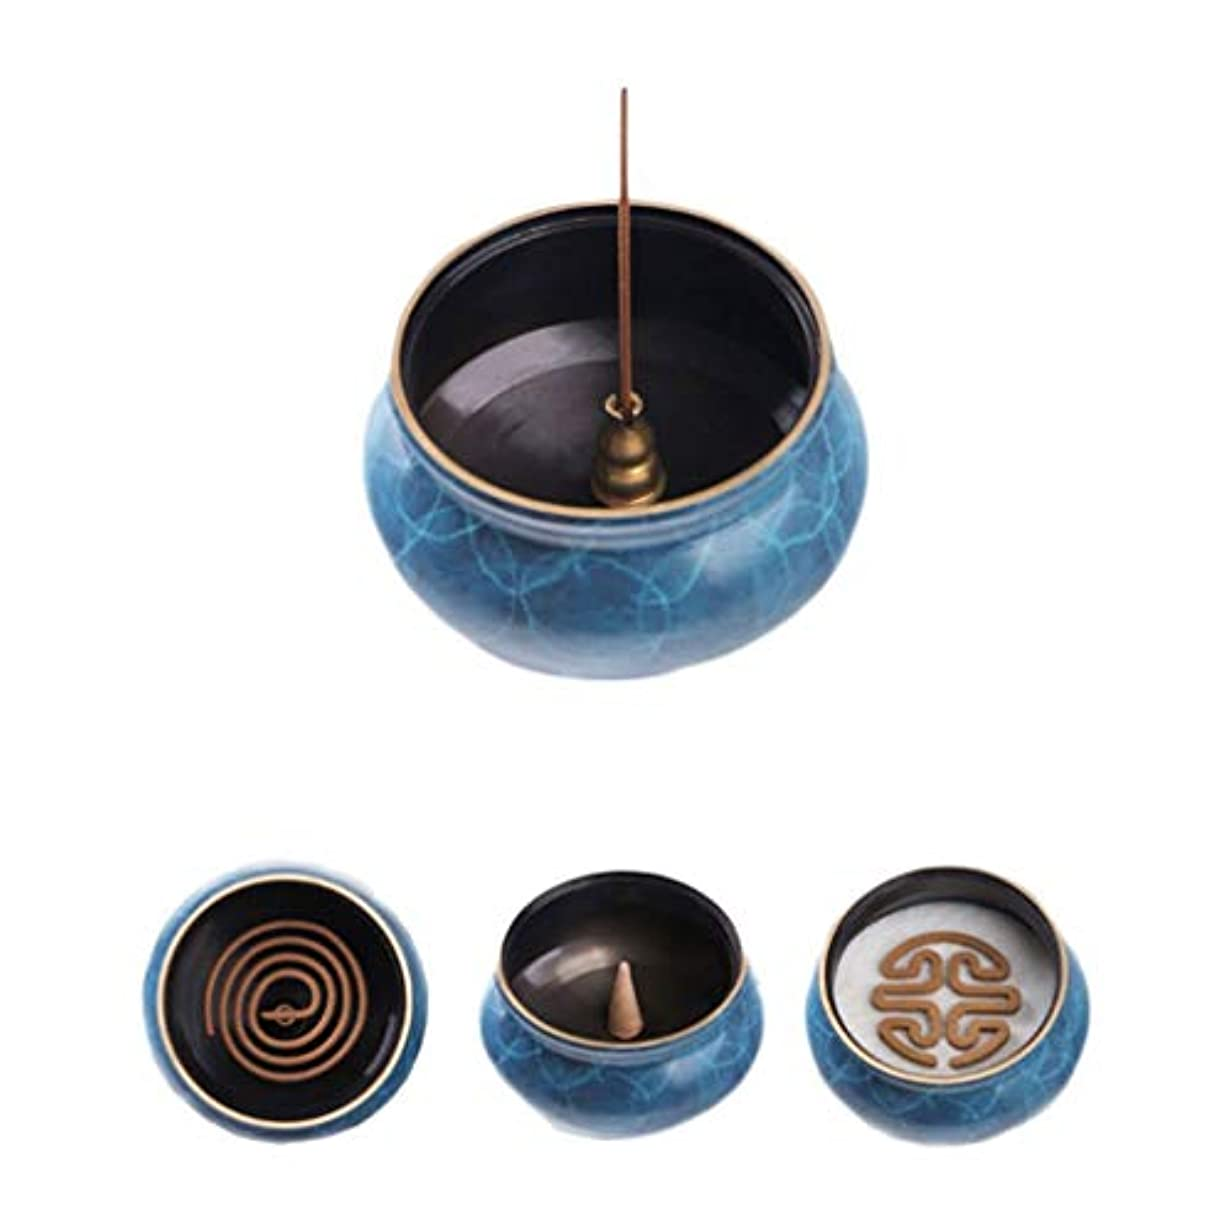 独特の不定予測子芳香器?アロマバーナー 純粋な銅香炉ホームアンティーク白檀用仏寒天香炉香り装飾アロマセラピー炉 芳香器?アロマバーナー (Color : Blue copper)